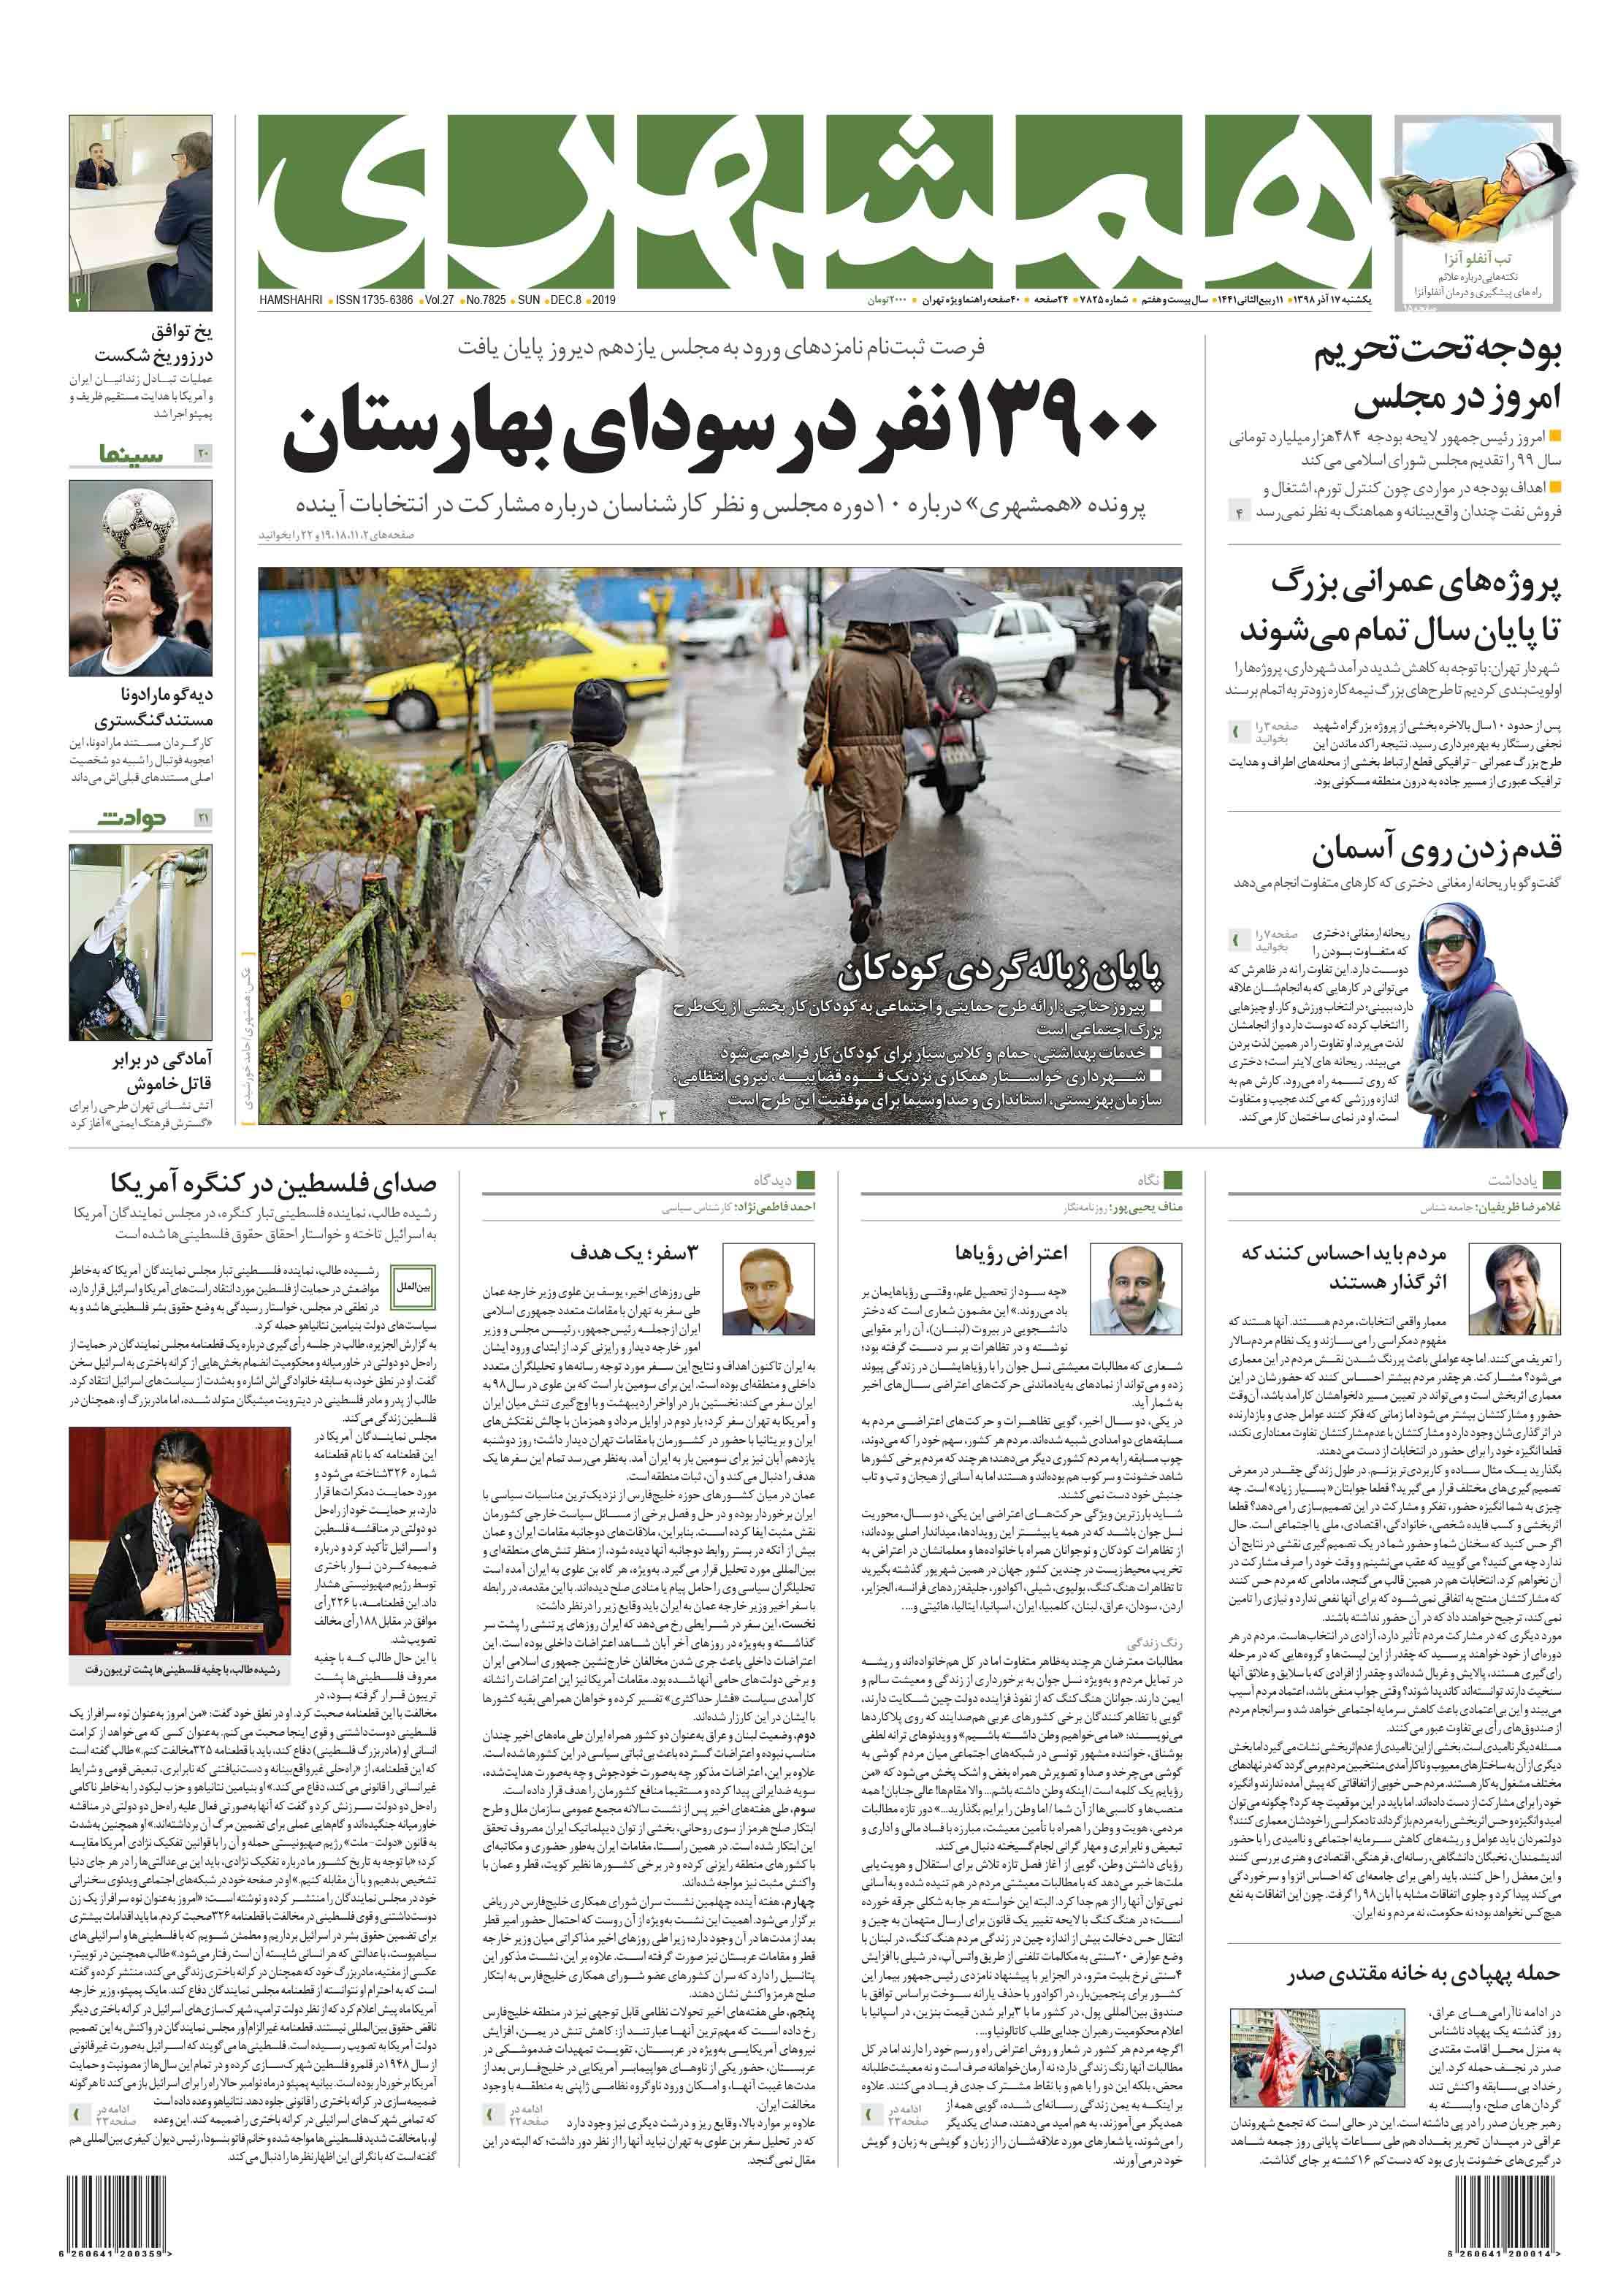 صفحه اول یکشنبه 17 آذر 1398